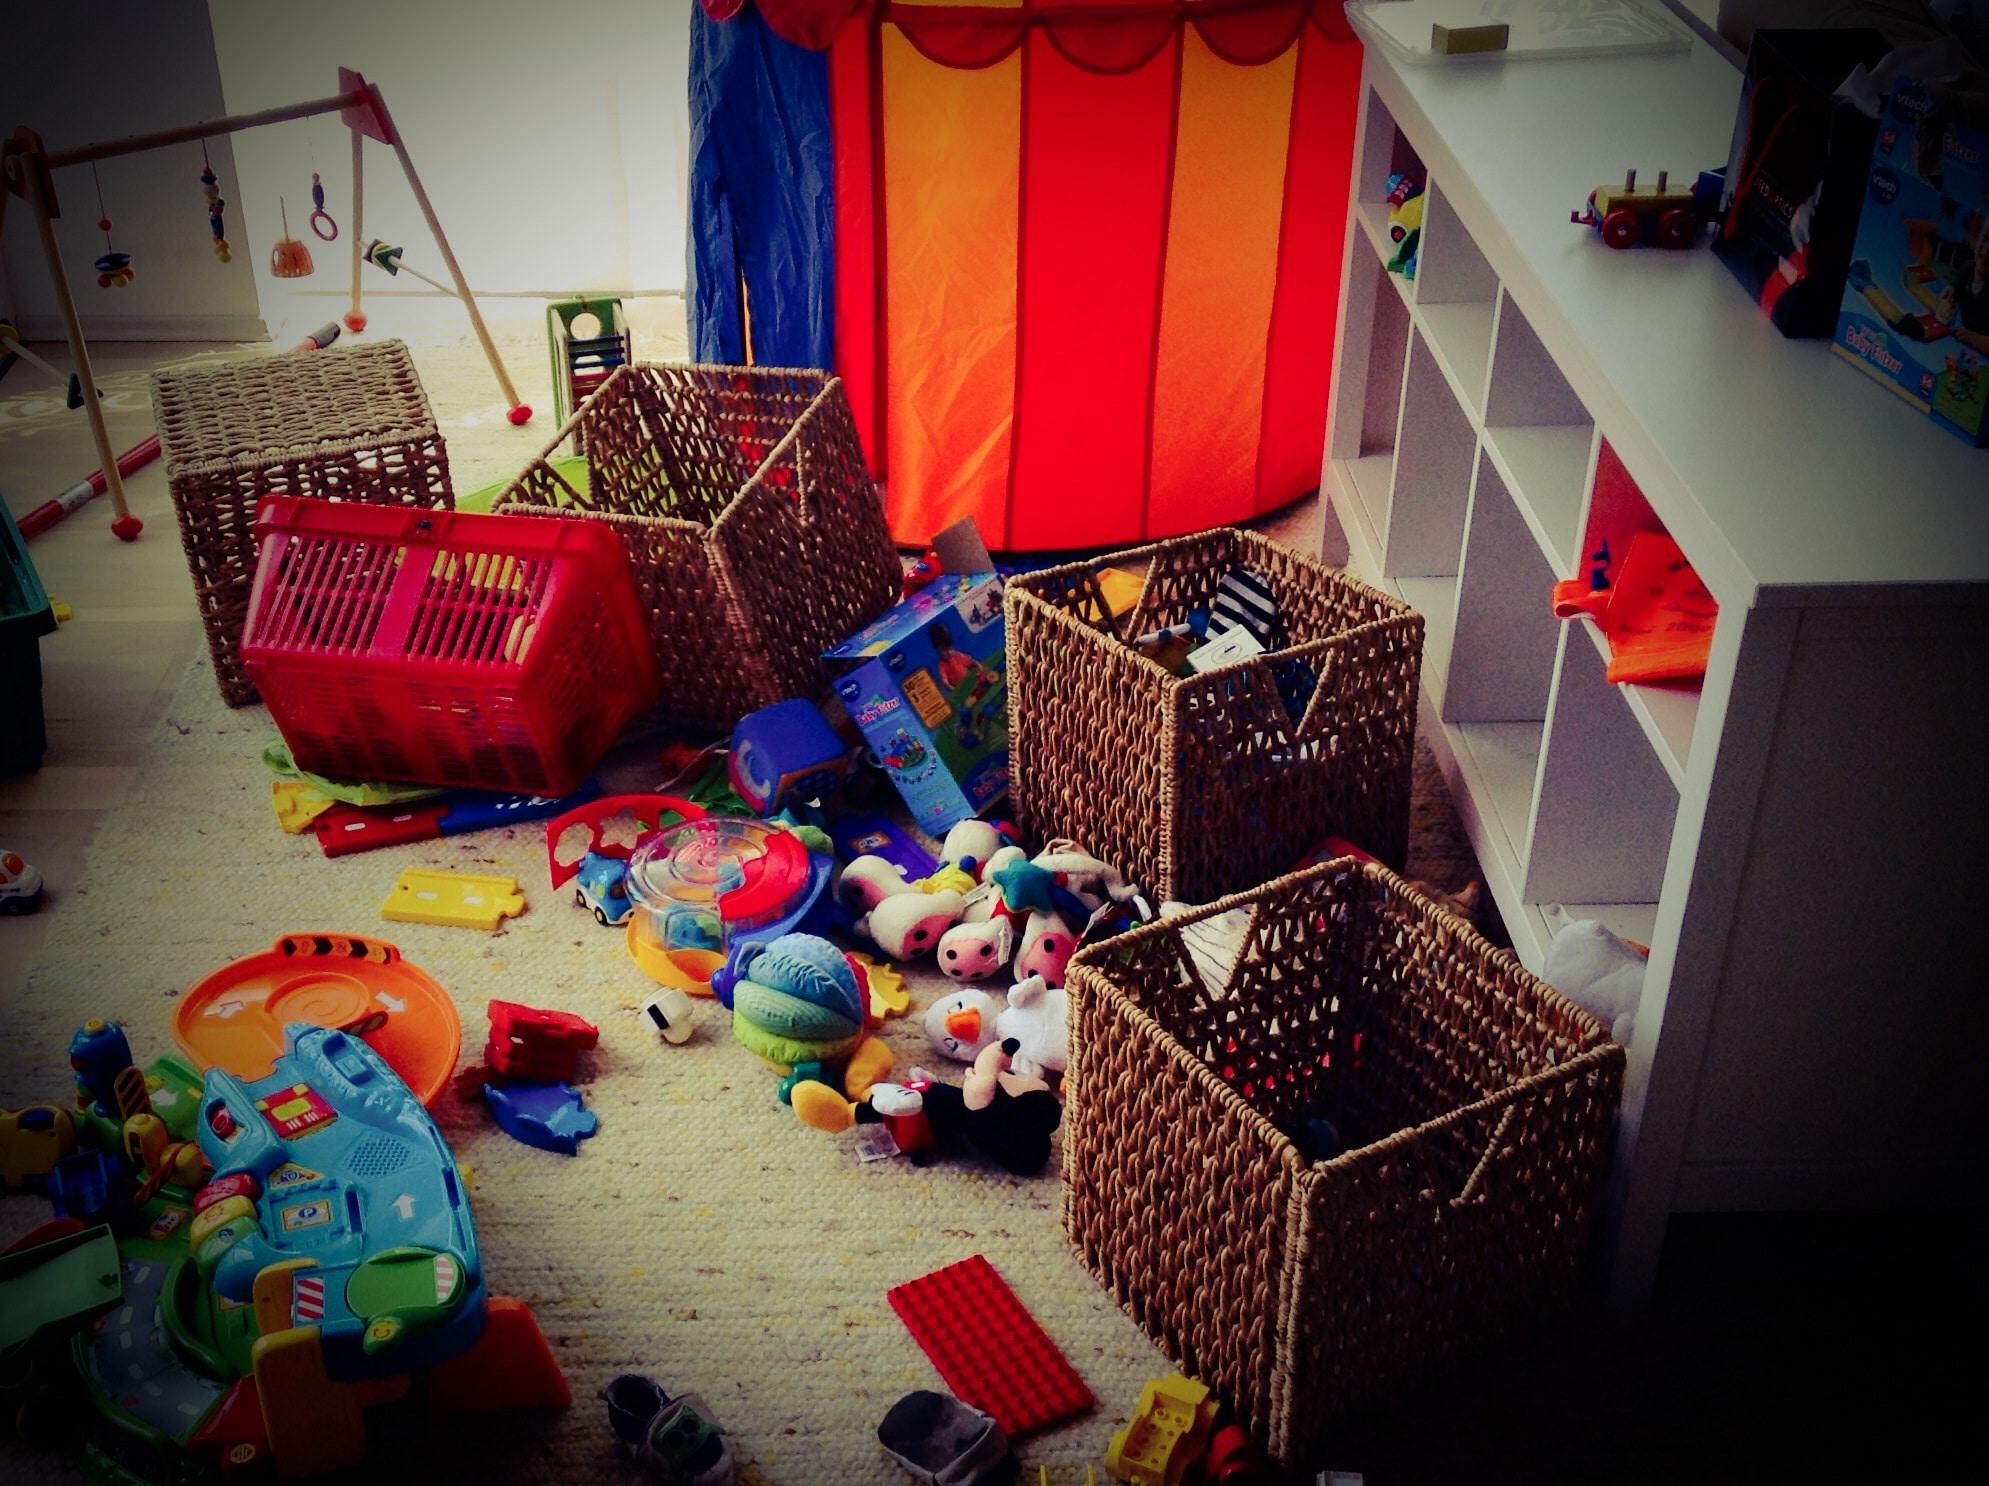 Hätten wir ein Spielzimmer, würde es bei uns im Wohnzimmer nicht so aussehen...